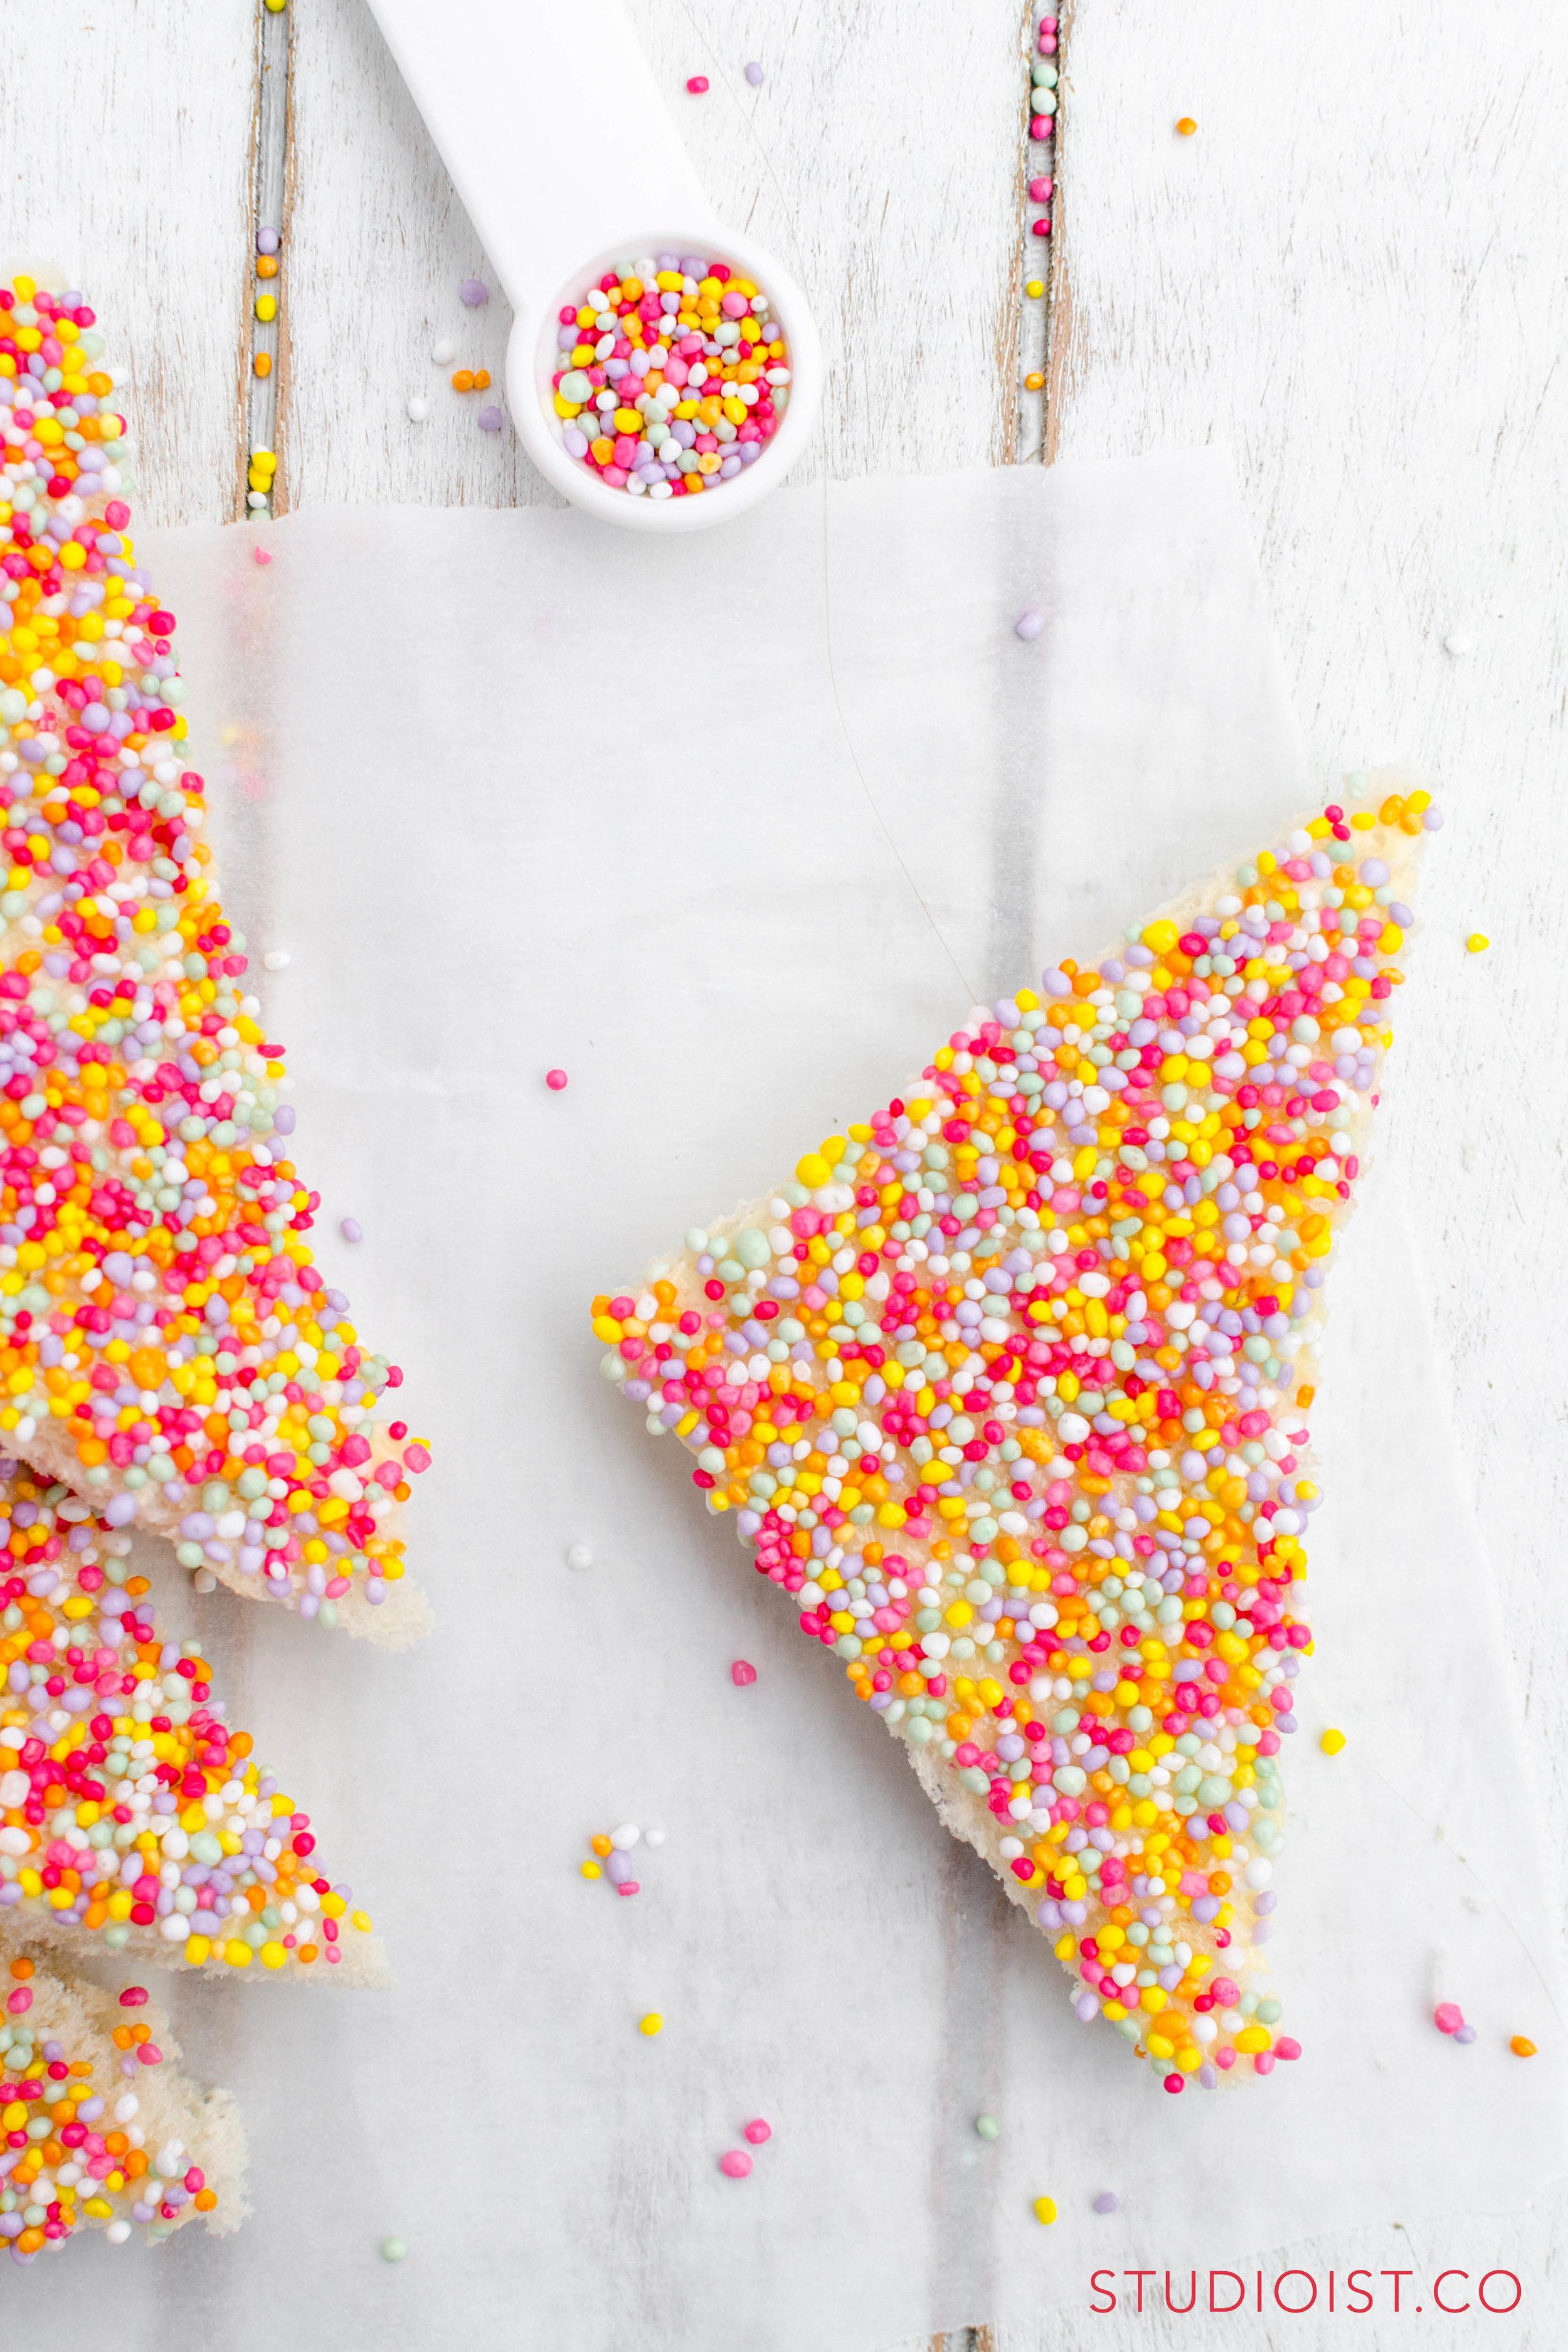 Studioist_Pinterest Design_Aussie Fairy Bread3.jpg